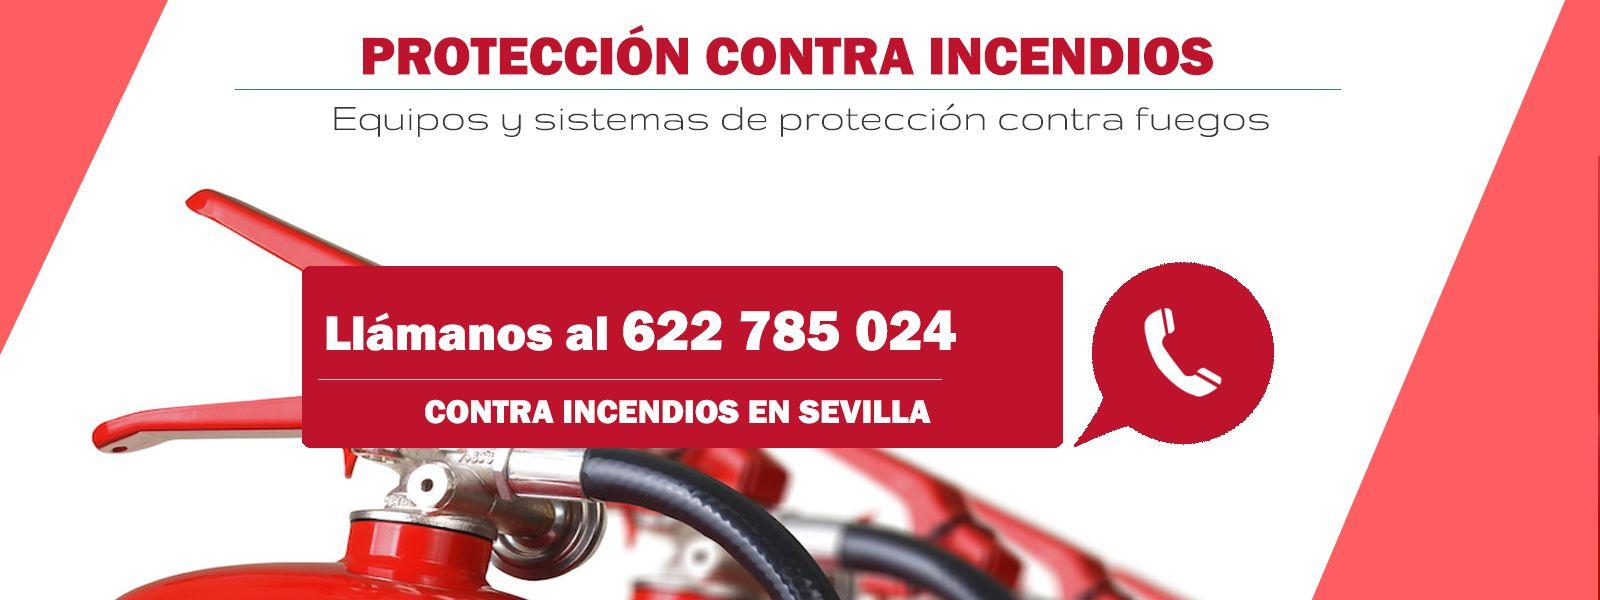 Protección contraincendios en Sevilla